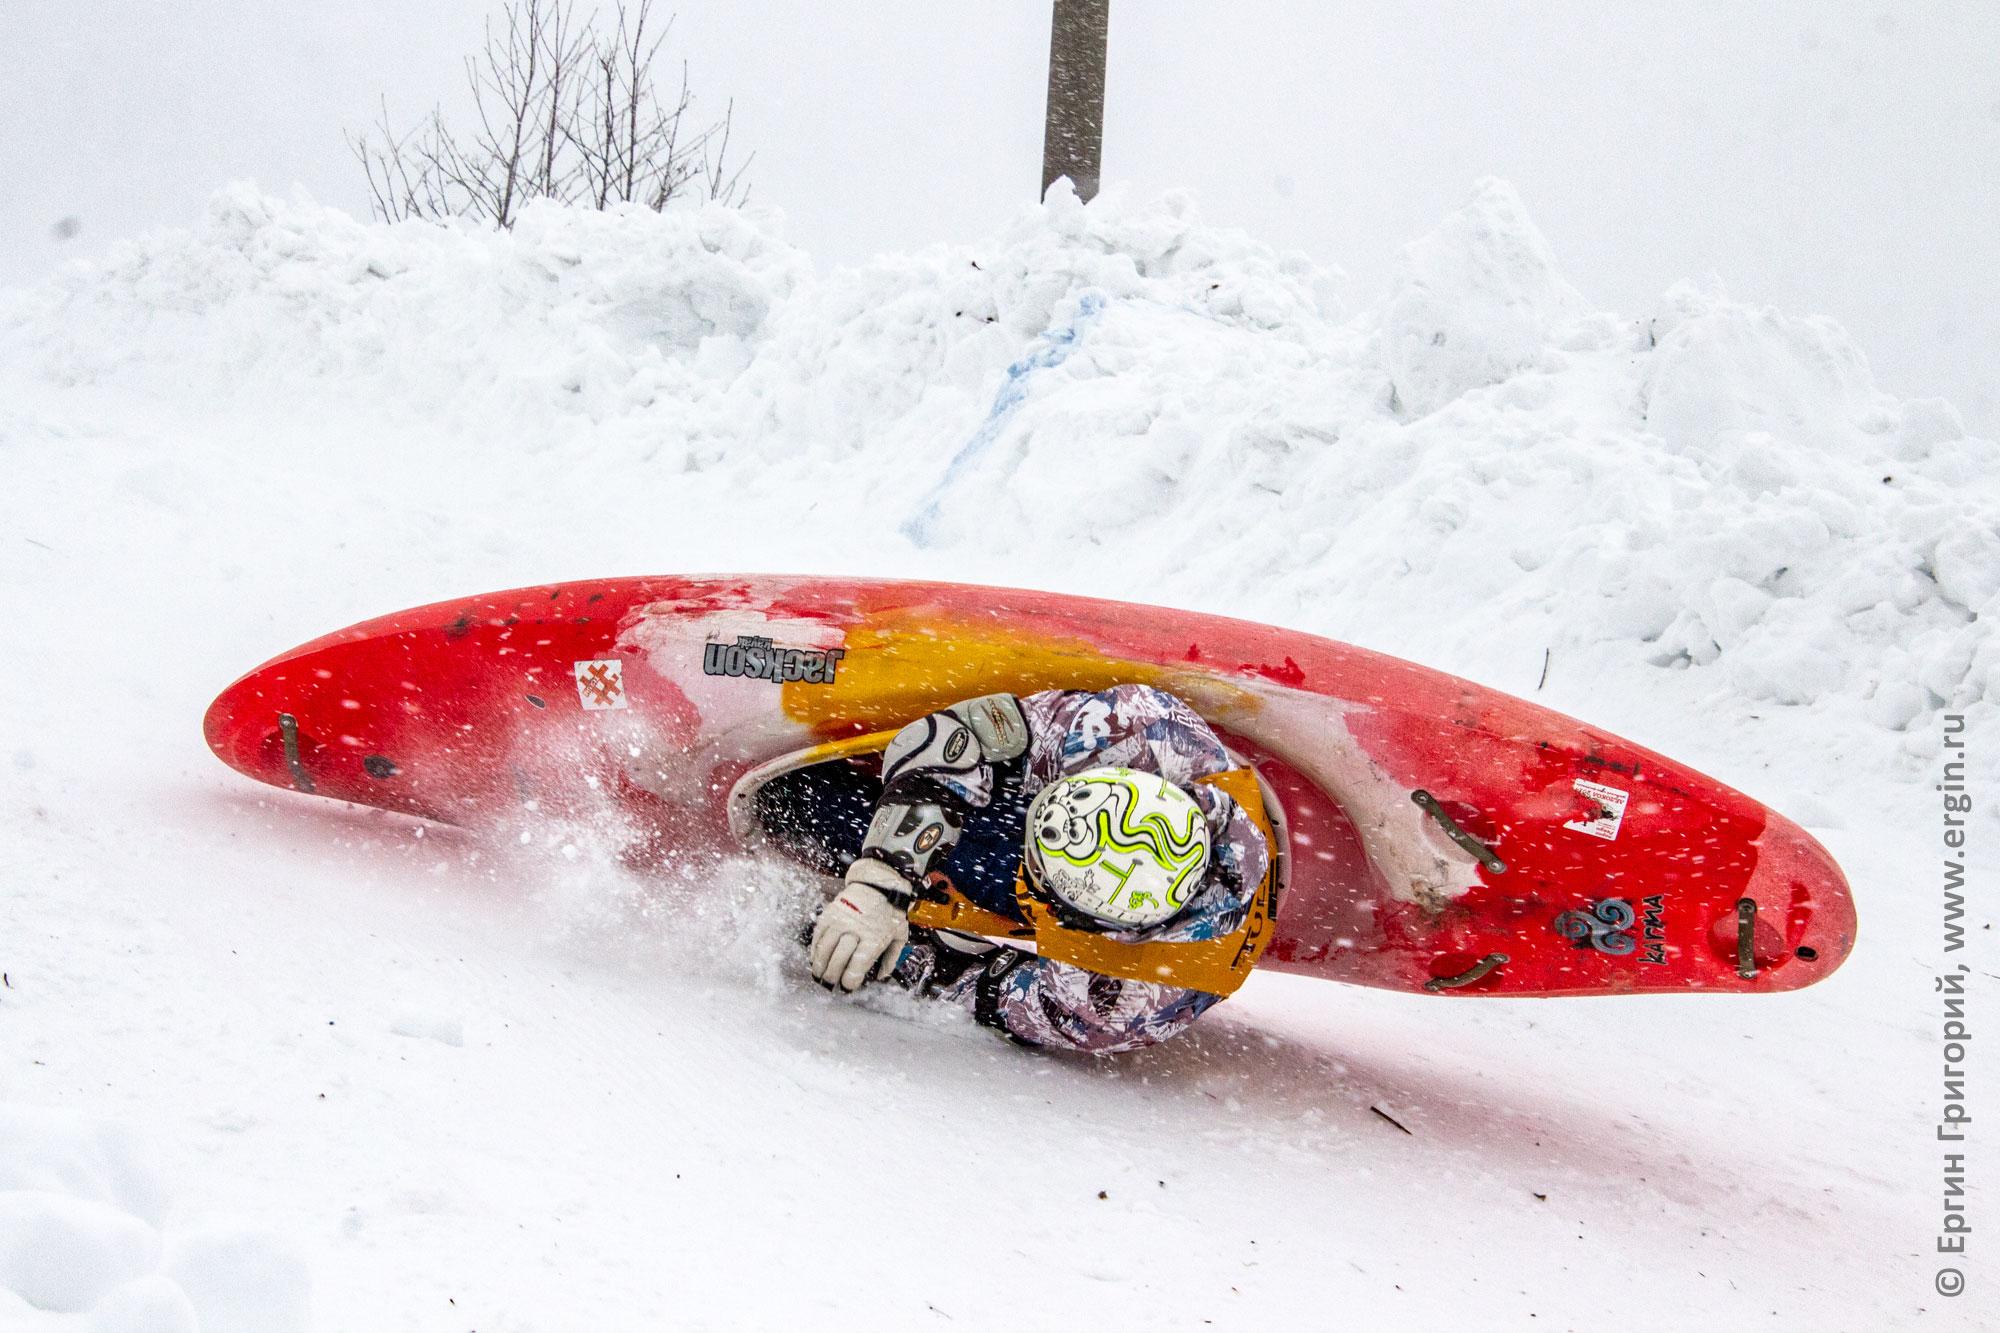 Падение каякера зимой на сноукаякинге